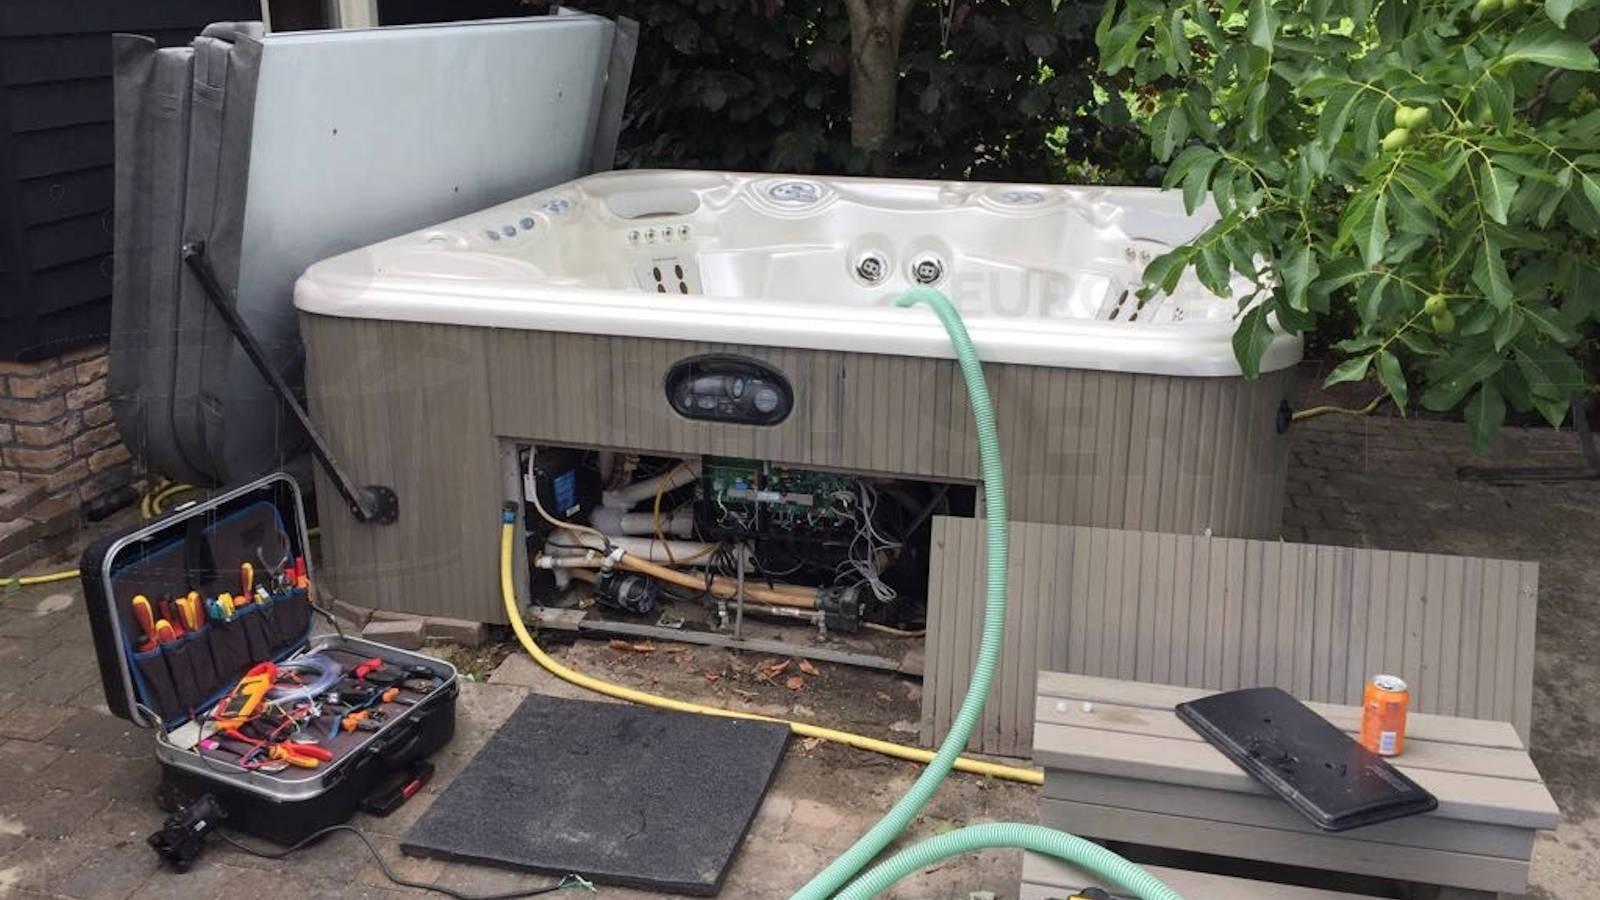 Reparatie van een Hotspring Grandee spa in Oud Gastel